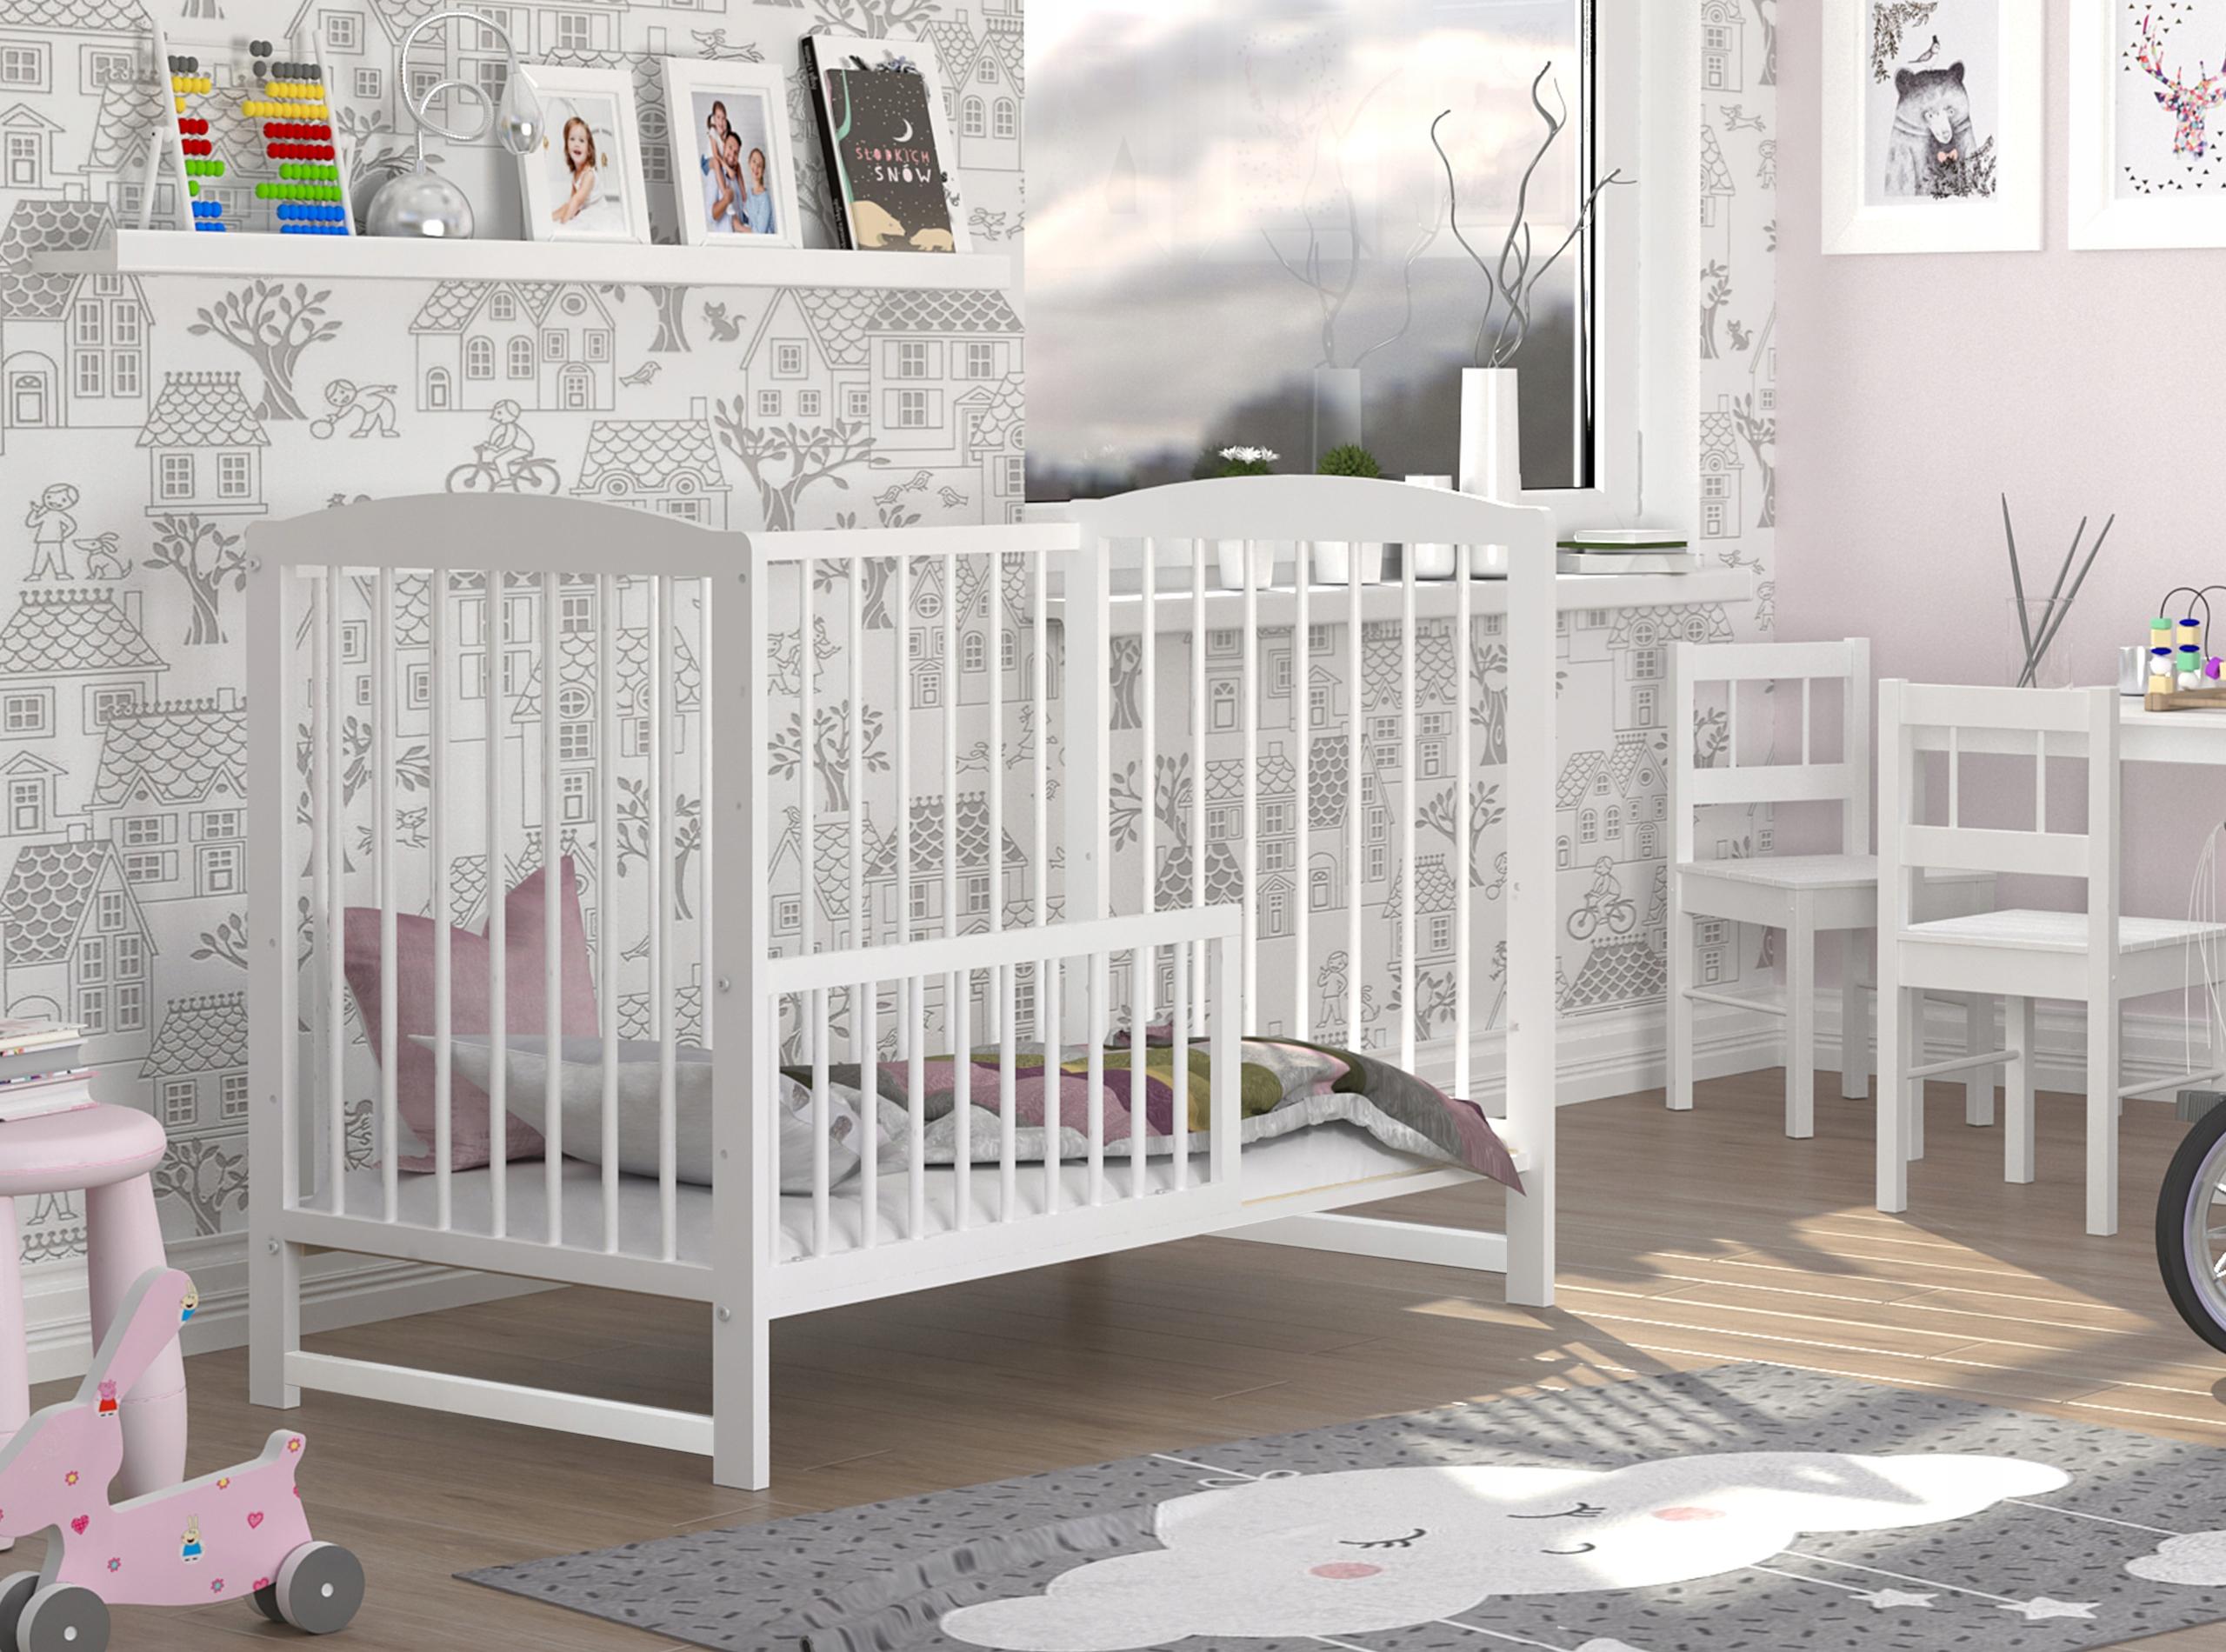 Łóżeczko dziecięce 60x120 cm ADAŚ białe 2w1 Marka inna